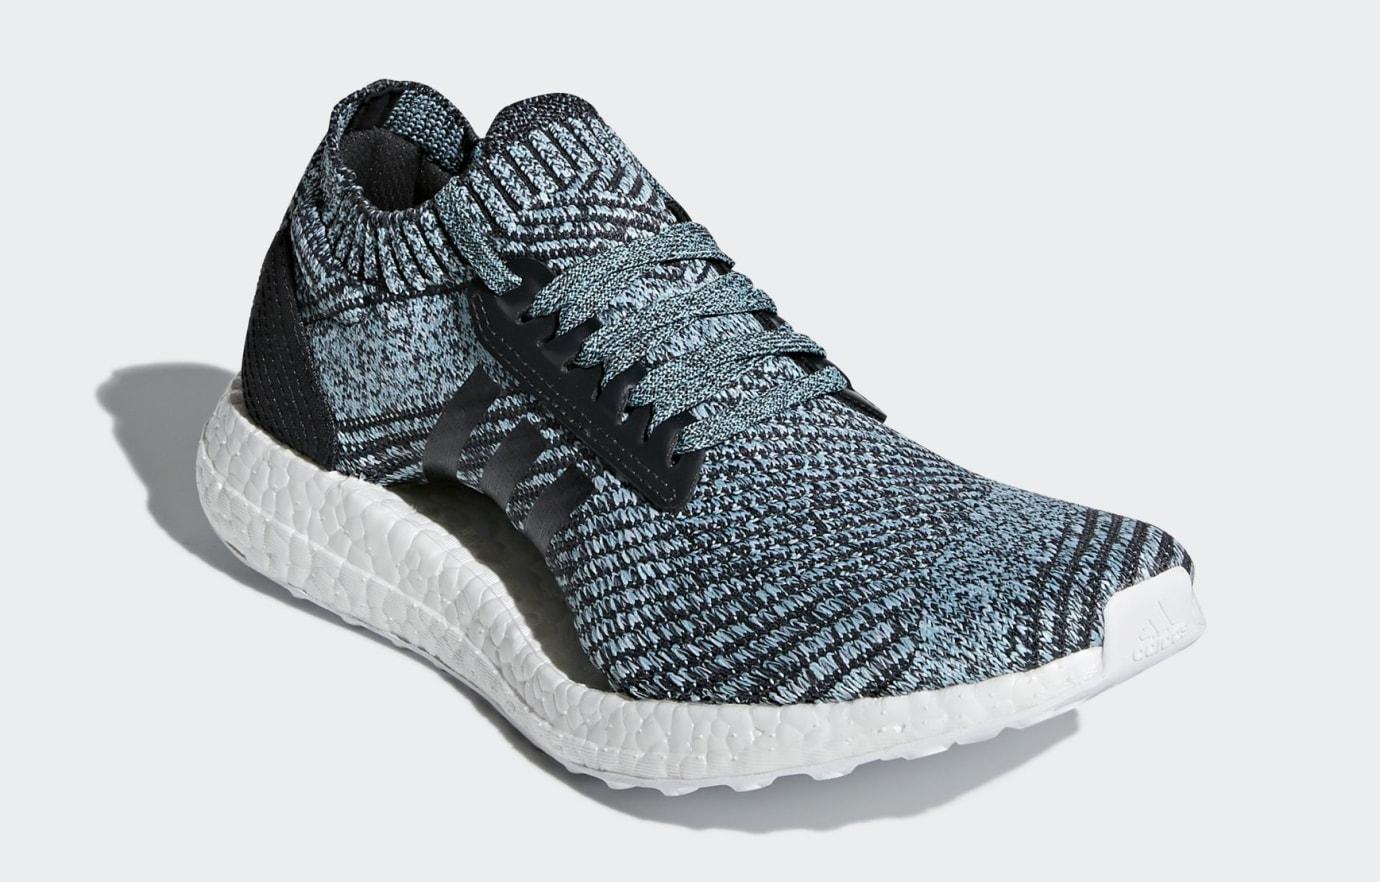 Parley x Adidas Ultra Boost X DB0641 2